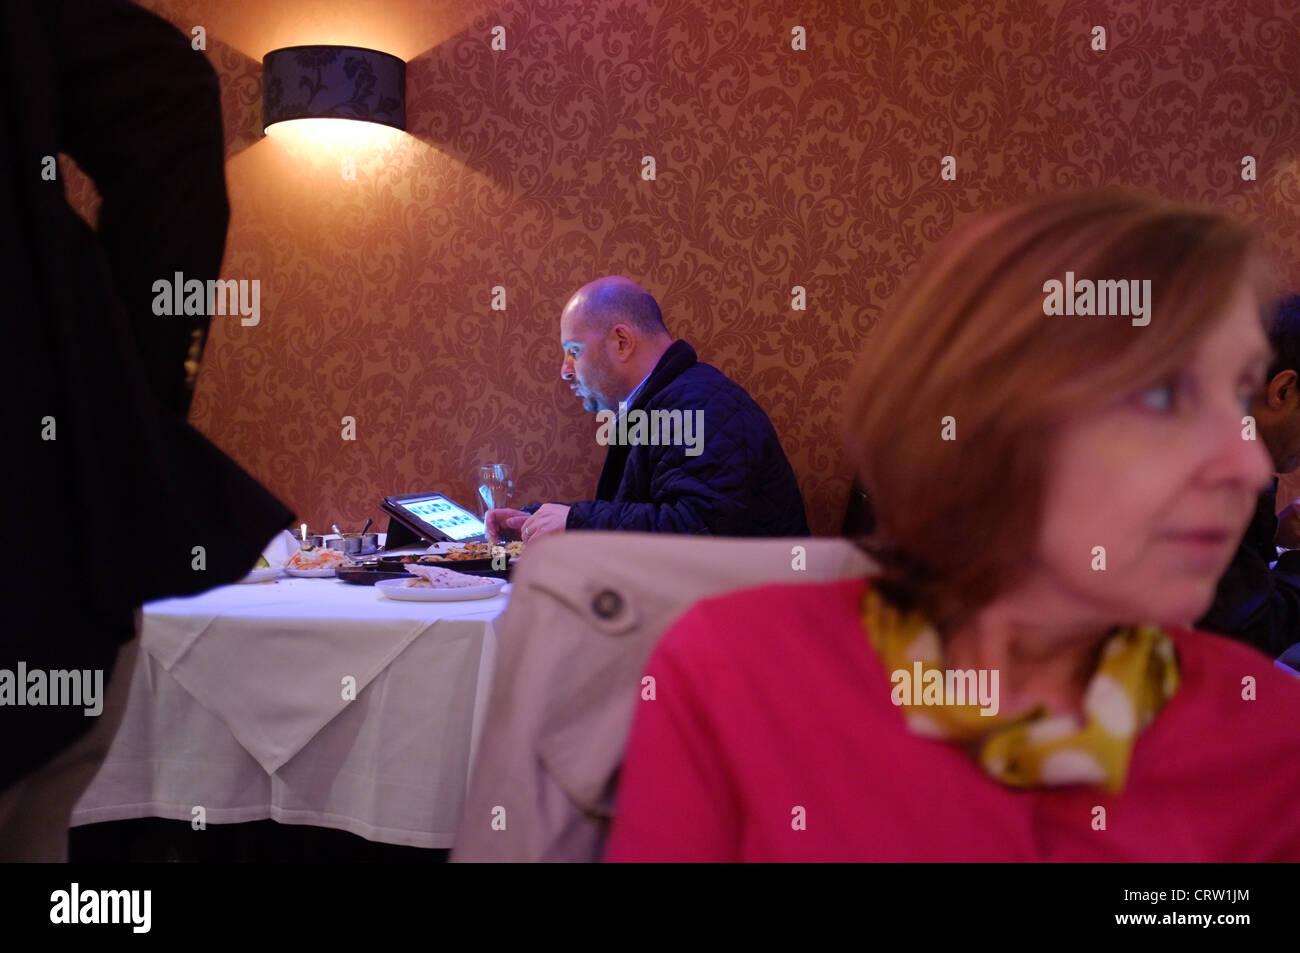 Ein Mann allein mit einem Tablet-Computer in einem indischen Restaurant Essen Stockbild